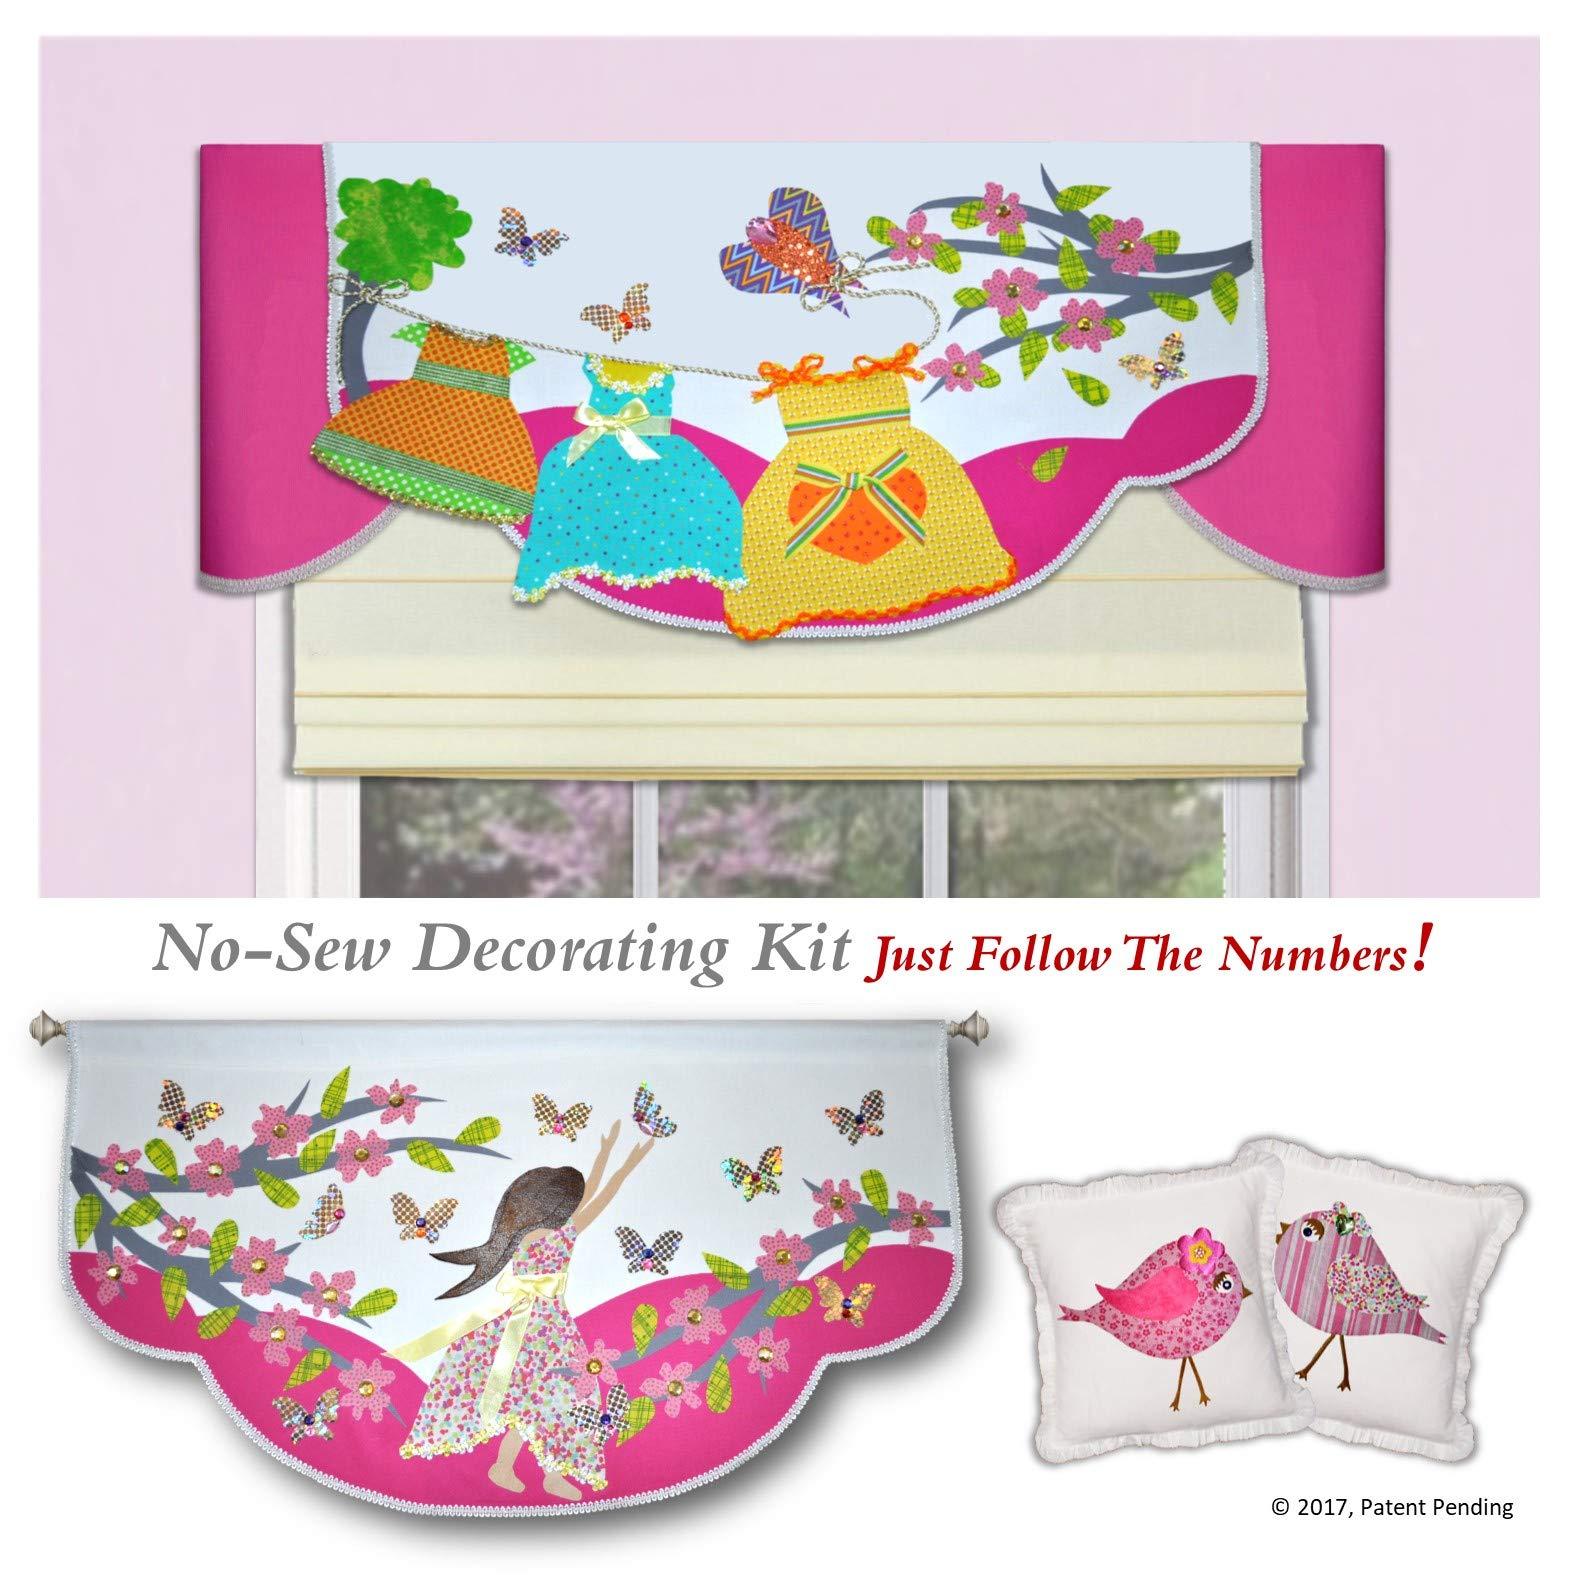 Traceable Designer Kids Room, DIY Valance Room Decorating Kit for Girls Room or Baby Nursery by Traceable Designer